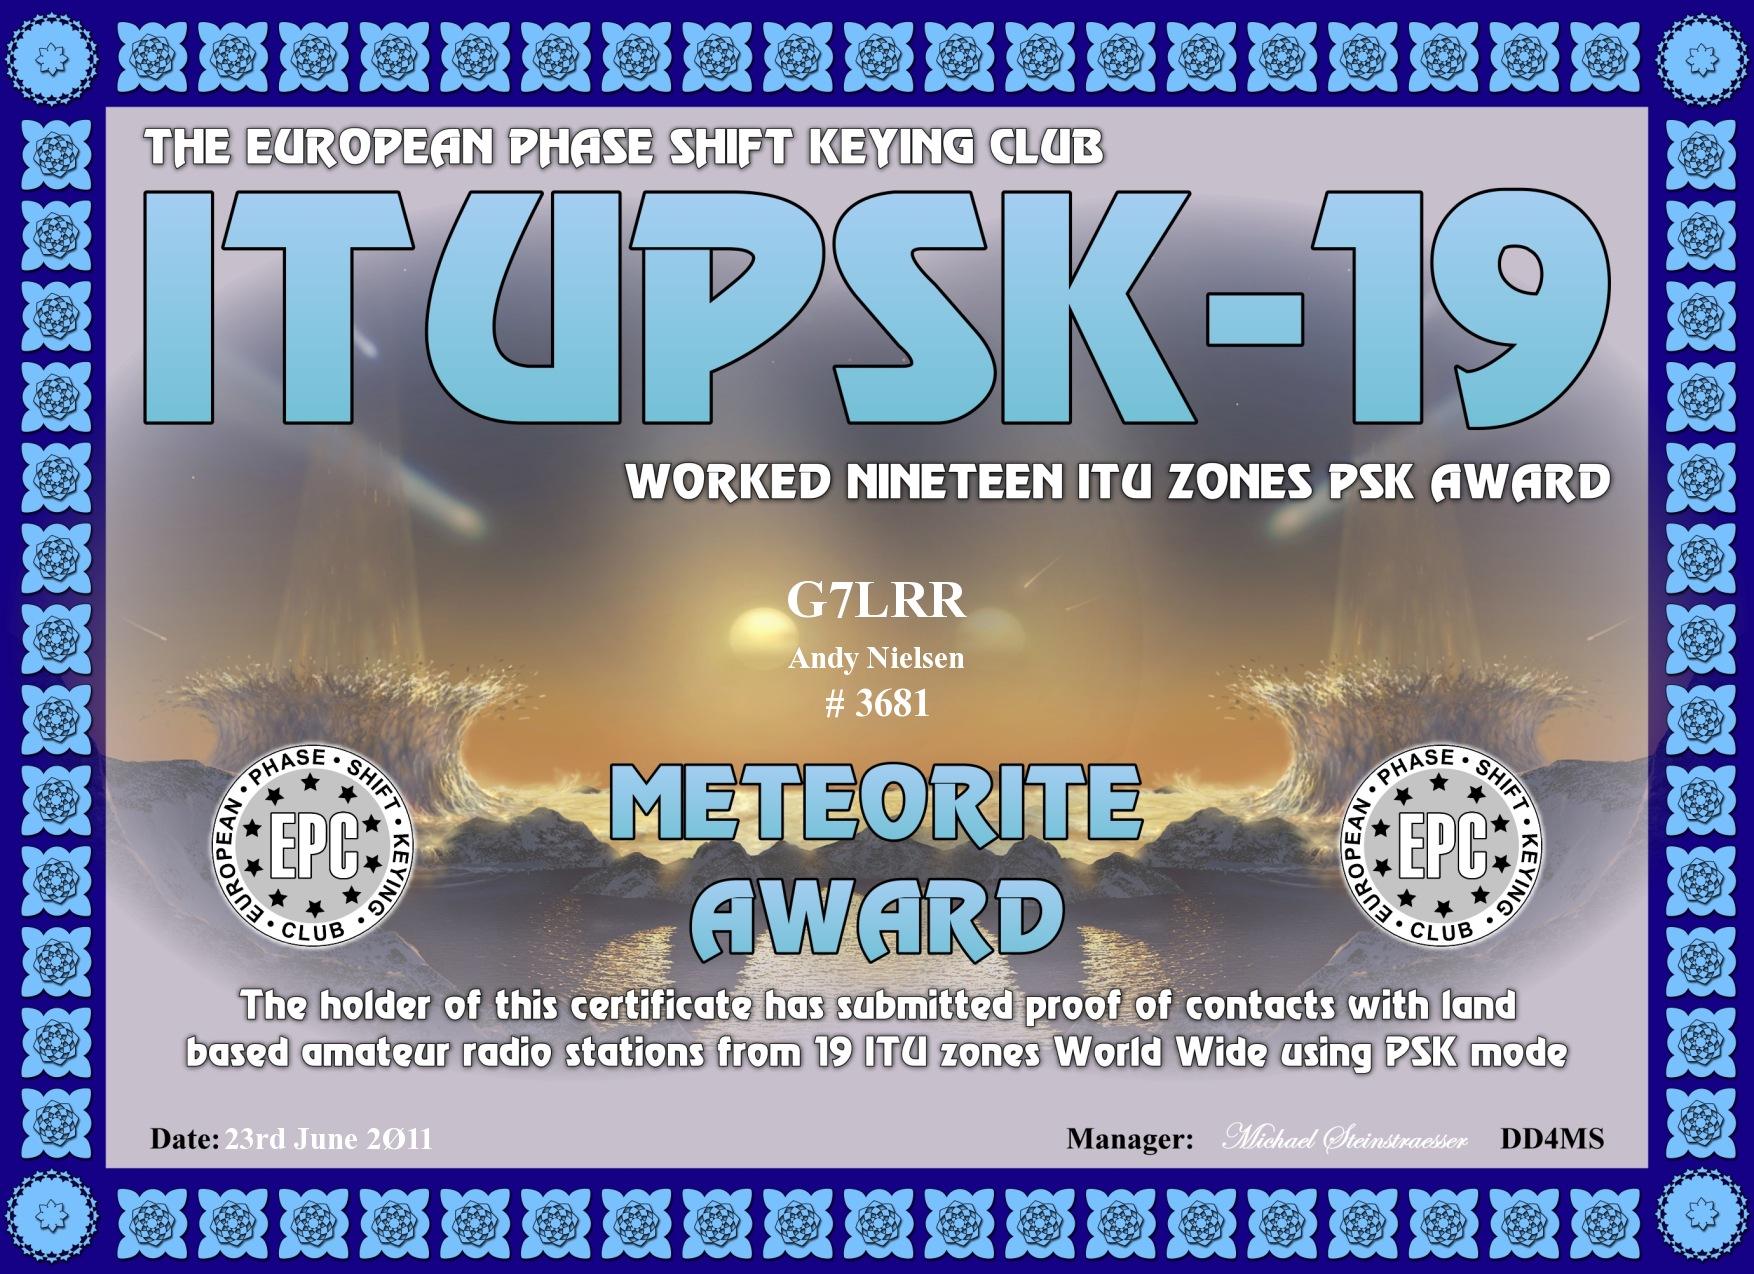 G7LRR_ITUPSK_19